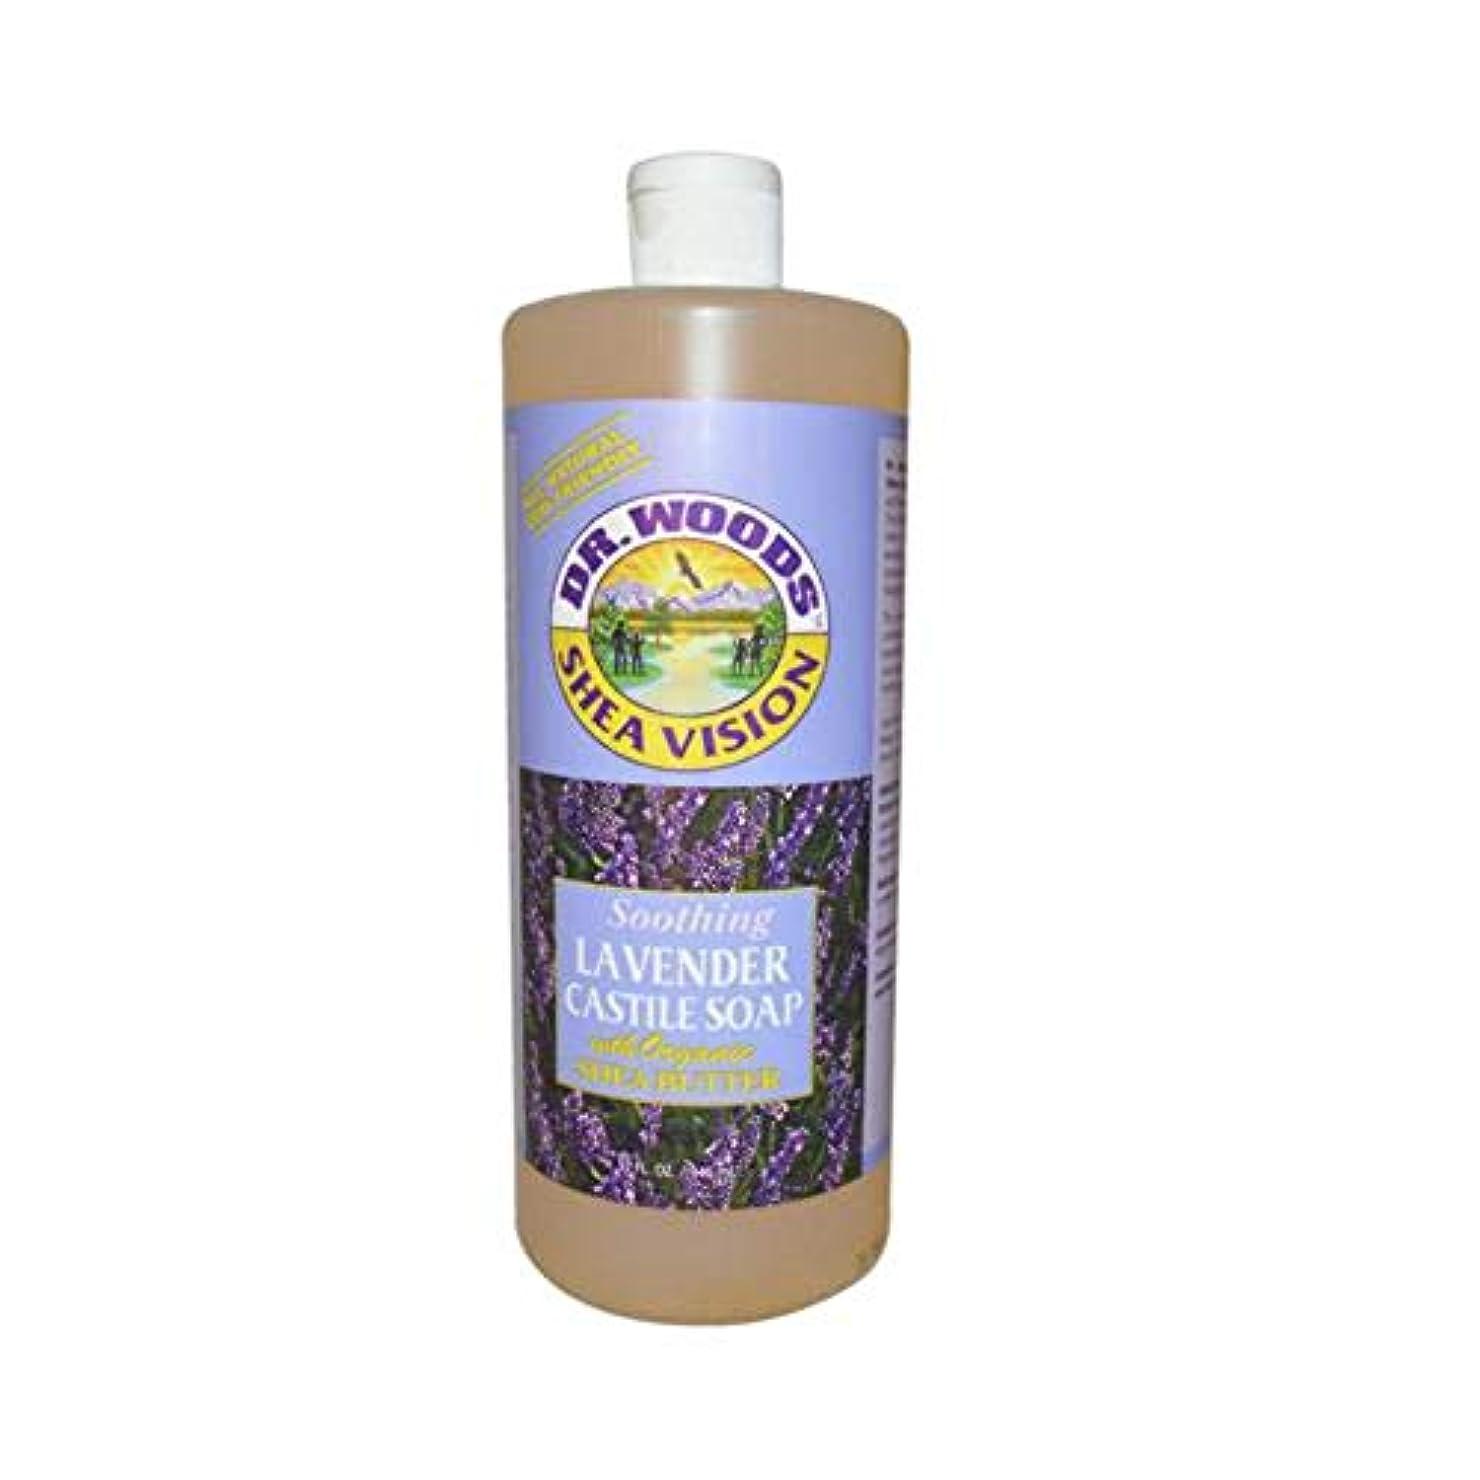 シール司書雄弁なDr. Woods, Shea Vision, Soothing Lavender Castile Soap, 32 fl oz (946 ml)